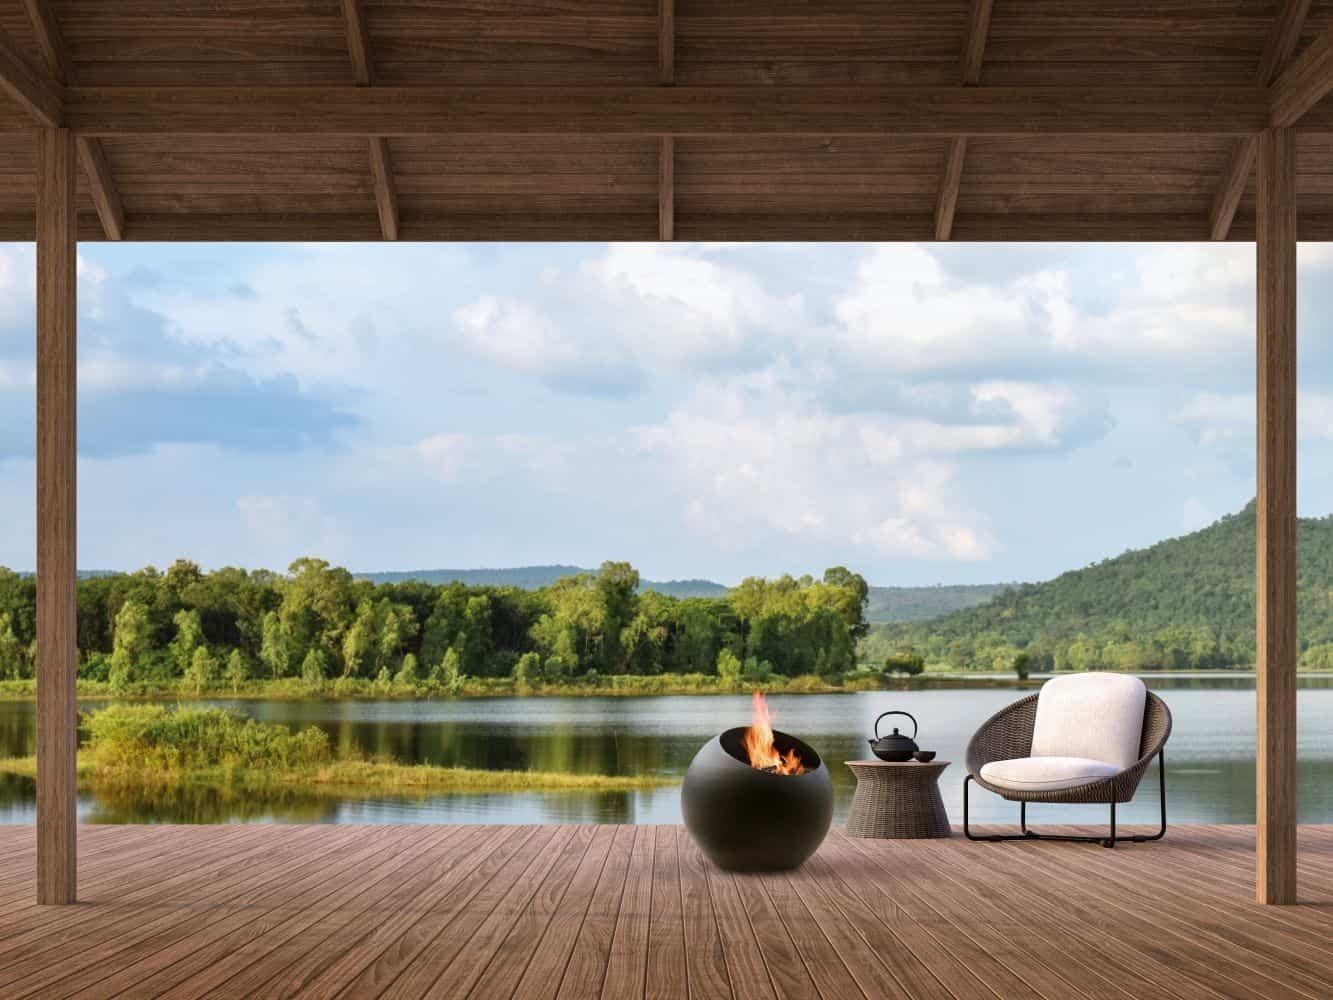 estufas de exterior para disfrutando de la terraza todo el ano 4